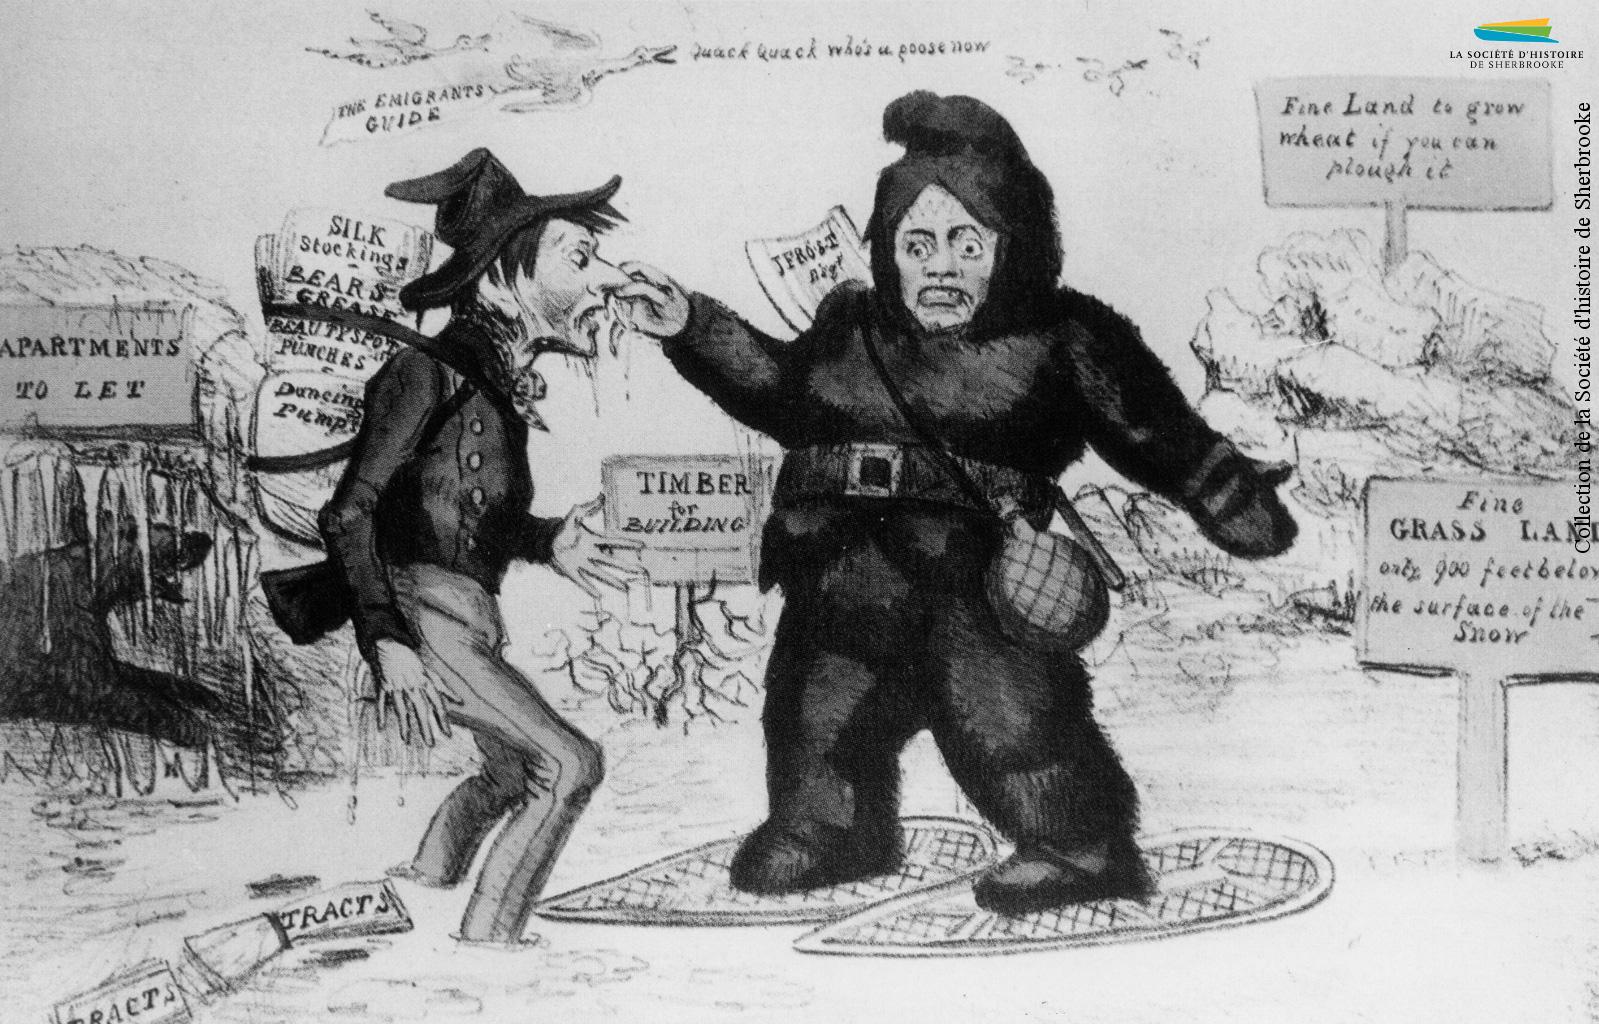 Une caricature datant des années 1820, intitulée « The Emigrants' Guide ». Les autorités britanniques encouragent alors ceux qui le veulent à venir s'installer au Bas-Canada, mais certains trouvent que la réalité est bien loin des promesses...